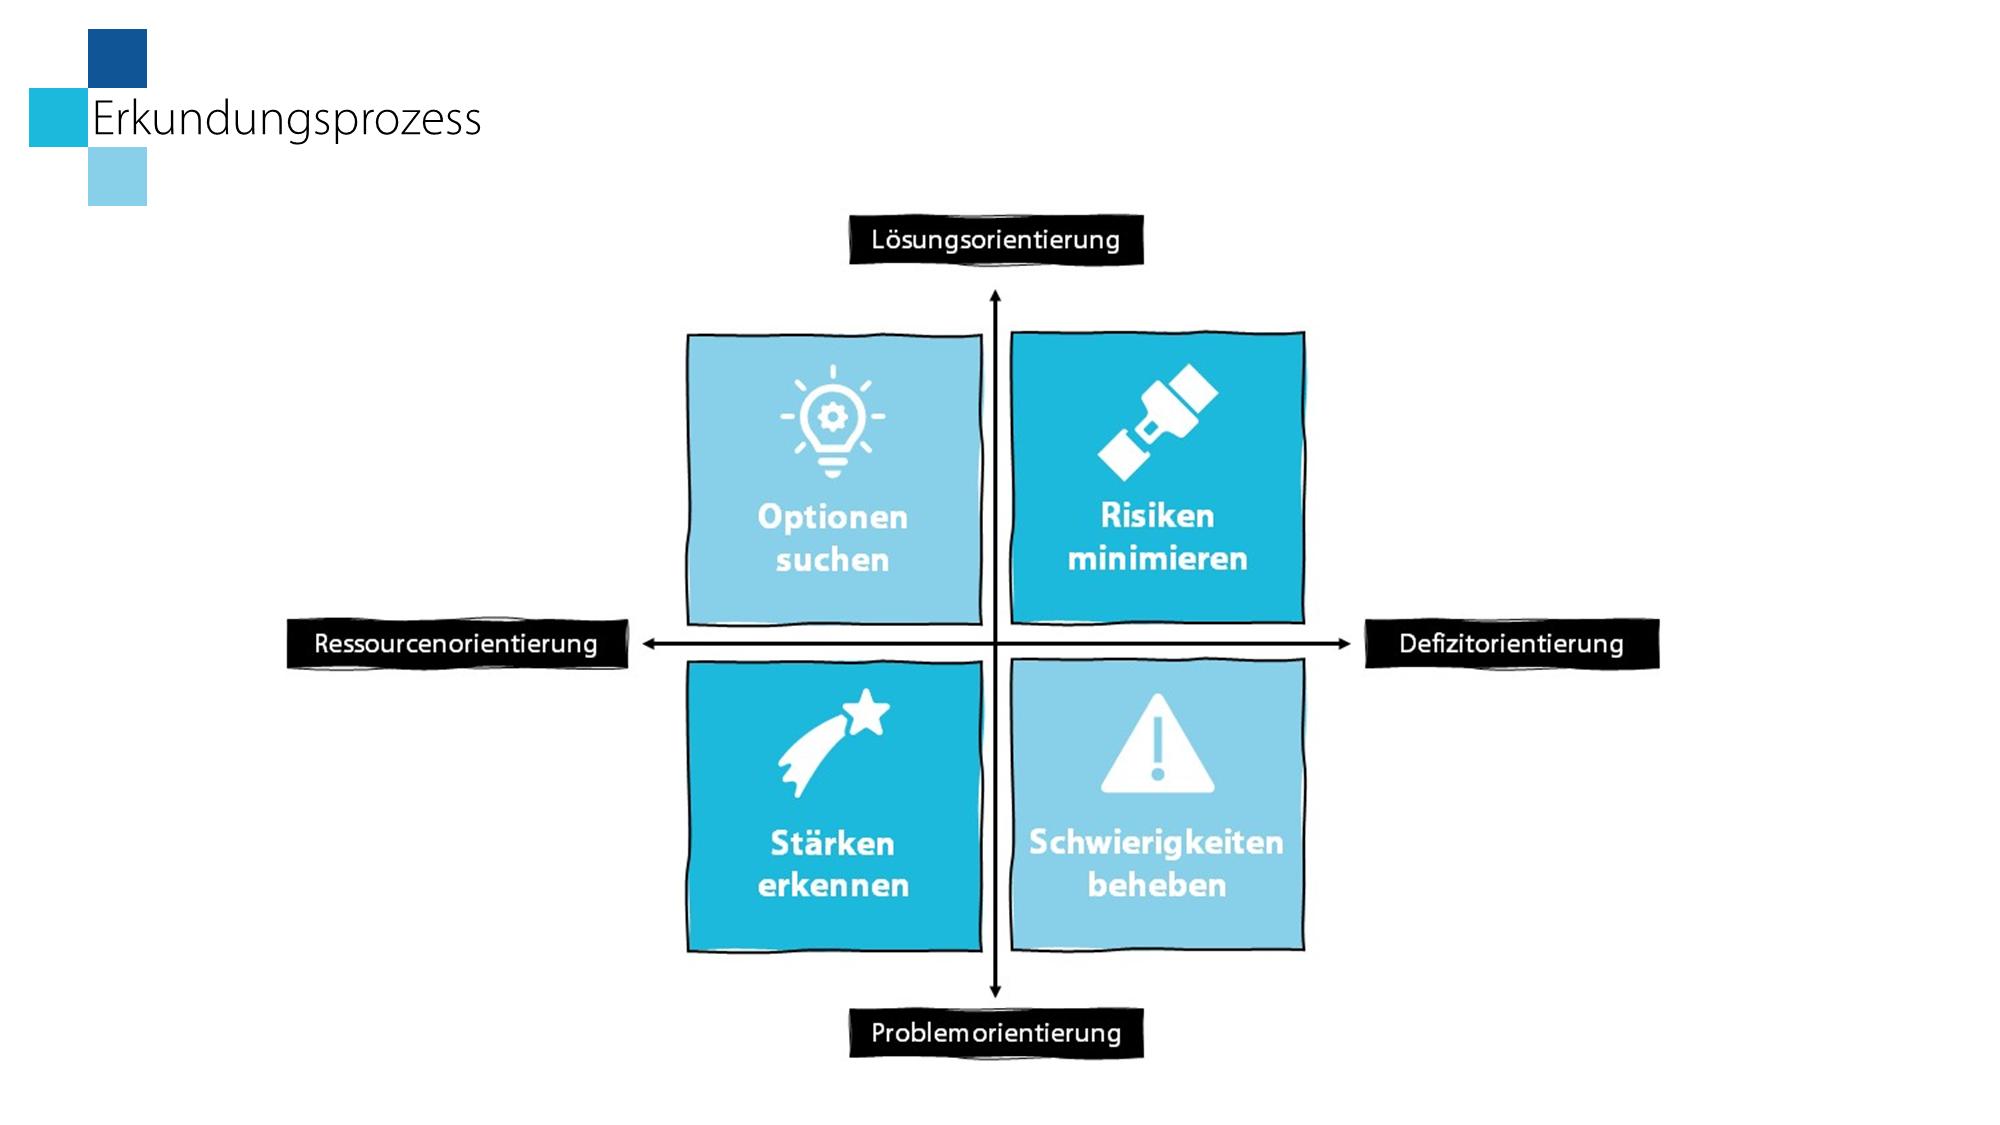 Schritt 2: Es wird das betriebliche Lernsystem betrachtet. Hierzu erklärt der LoDiLe zunächst die Vorgehensweise.